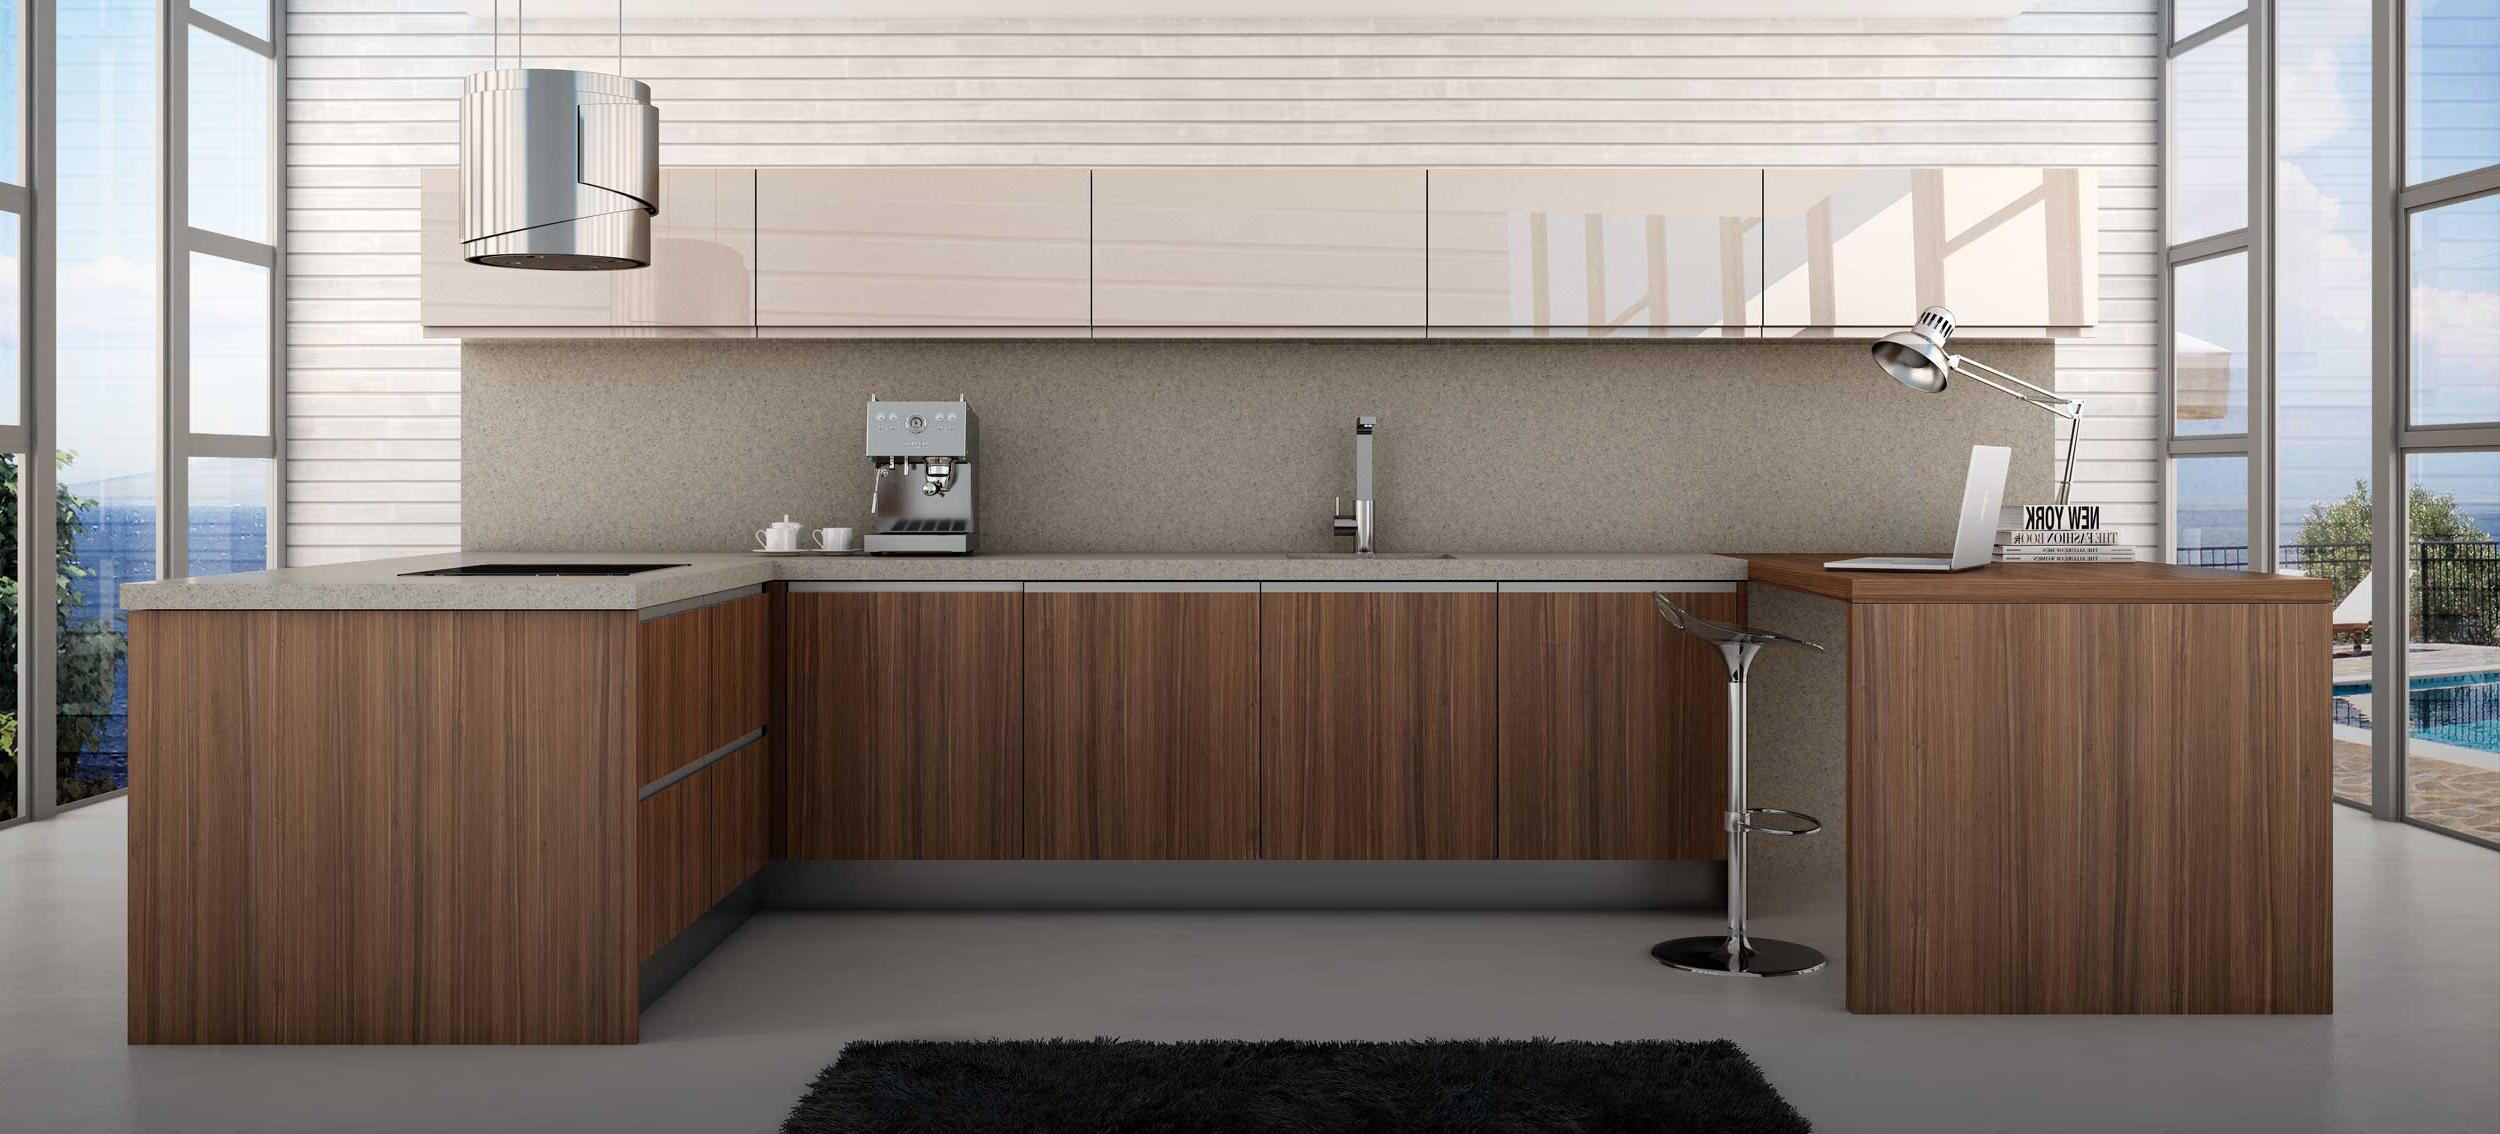 Muebles De Cocina Online T8dj Cocinas Cocinas Y Muebles De Cocina De Calidad Al Mejor Precio